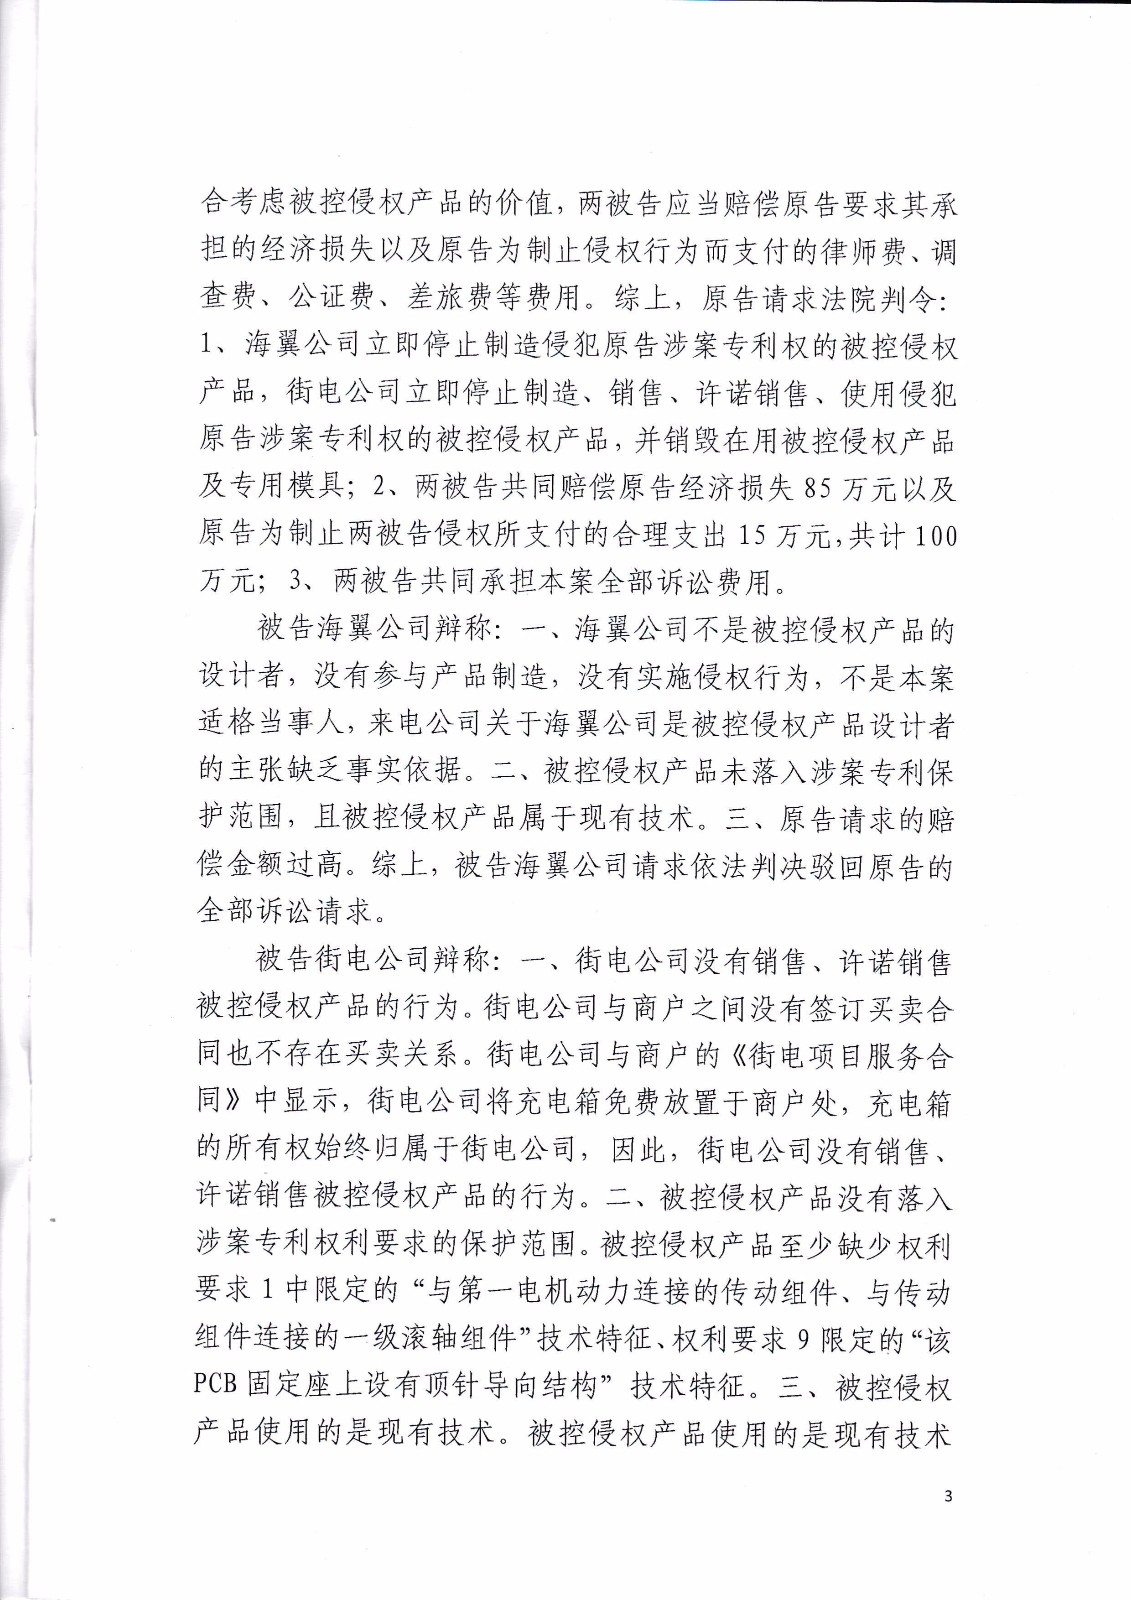 来电科技诉湖南海翼电子商务股份有限公司(附:判决书全文)